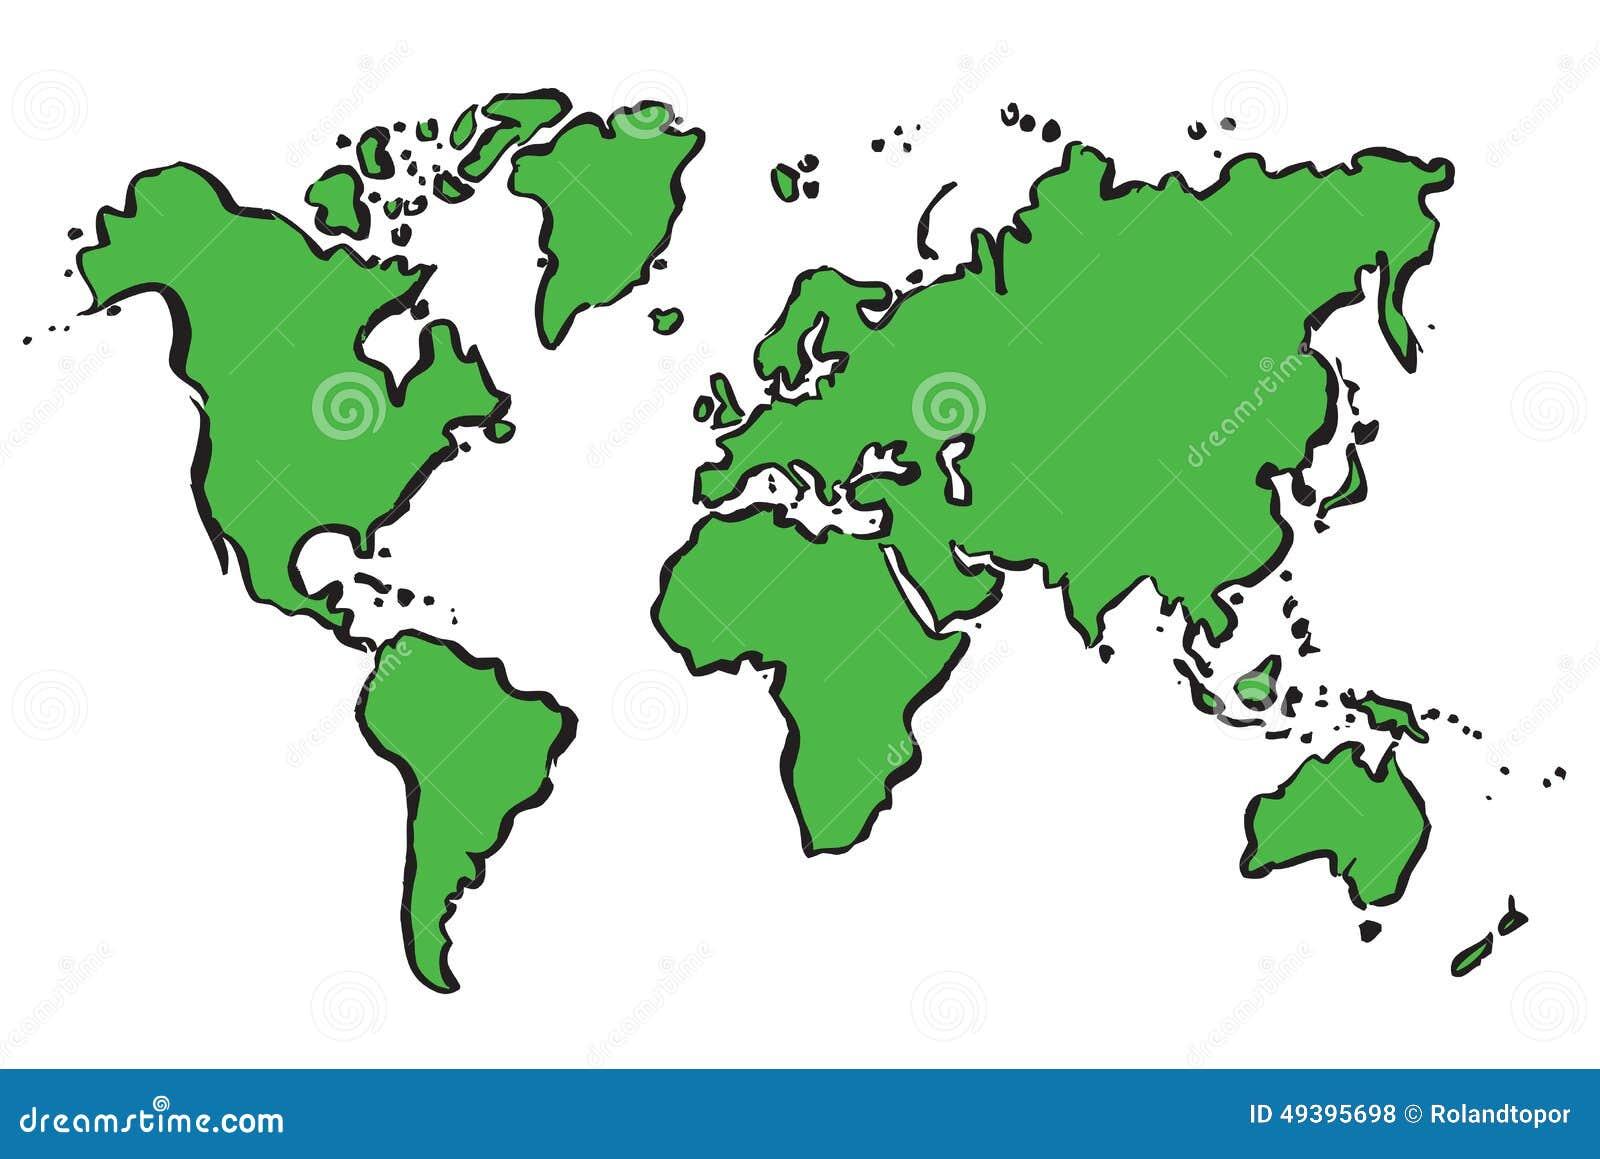 Mappa Verde Del Disegno Del Mondo Illustrazione Di Stock